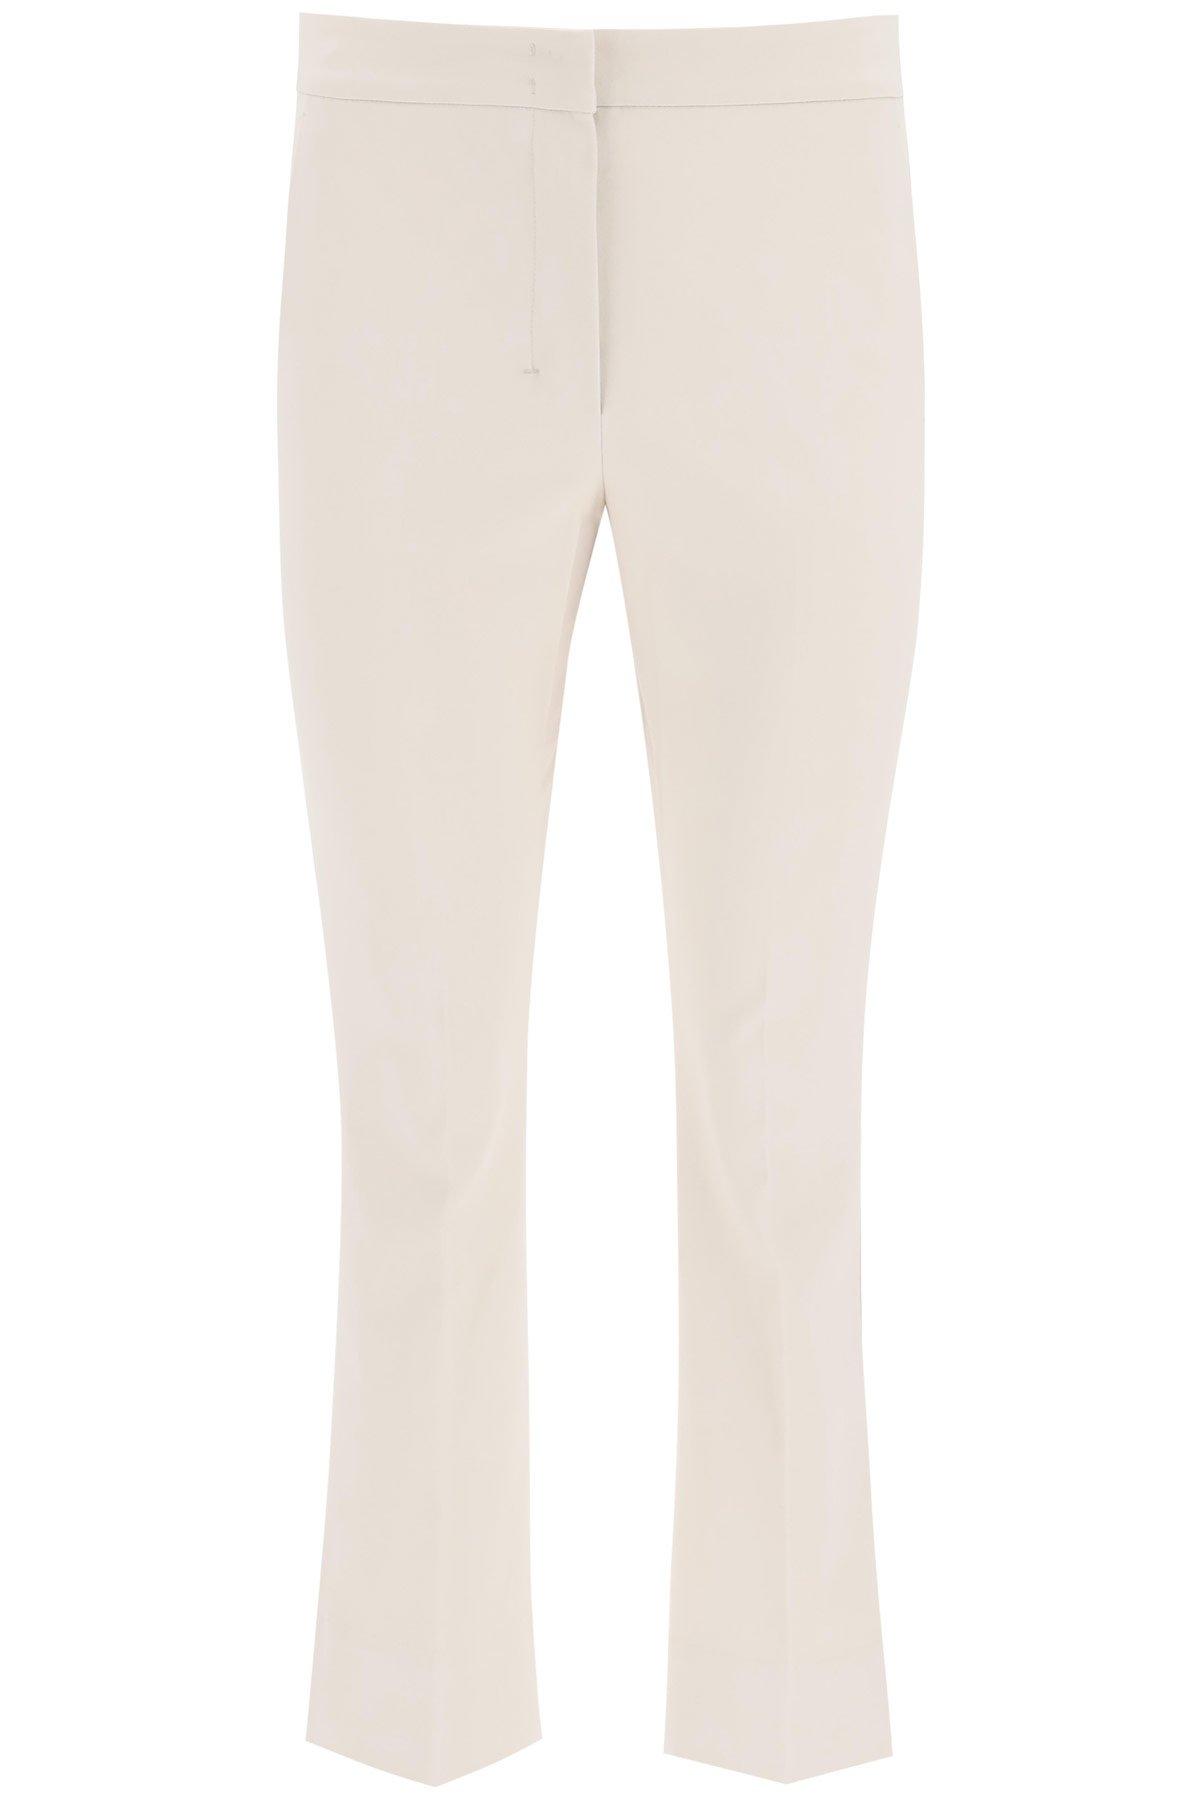 's max mara pantalone classico alcali